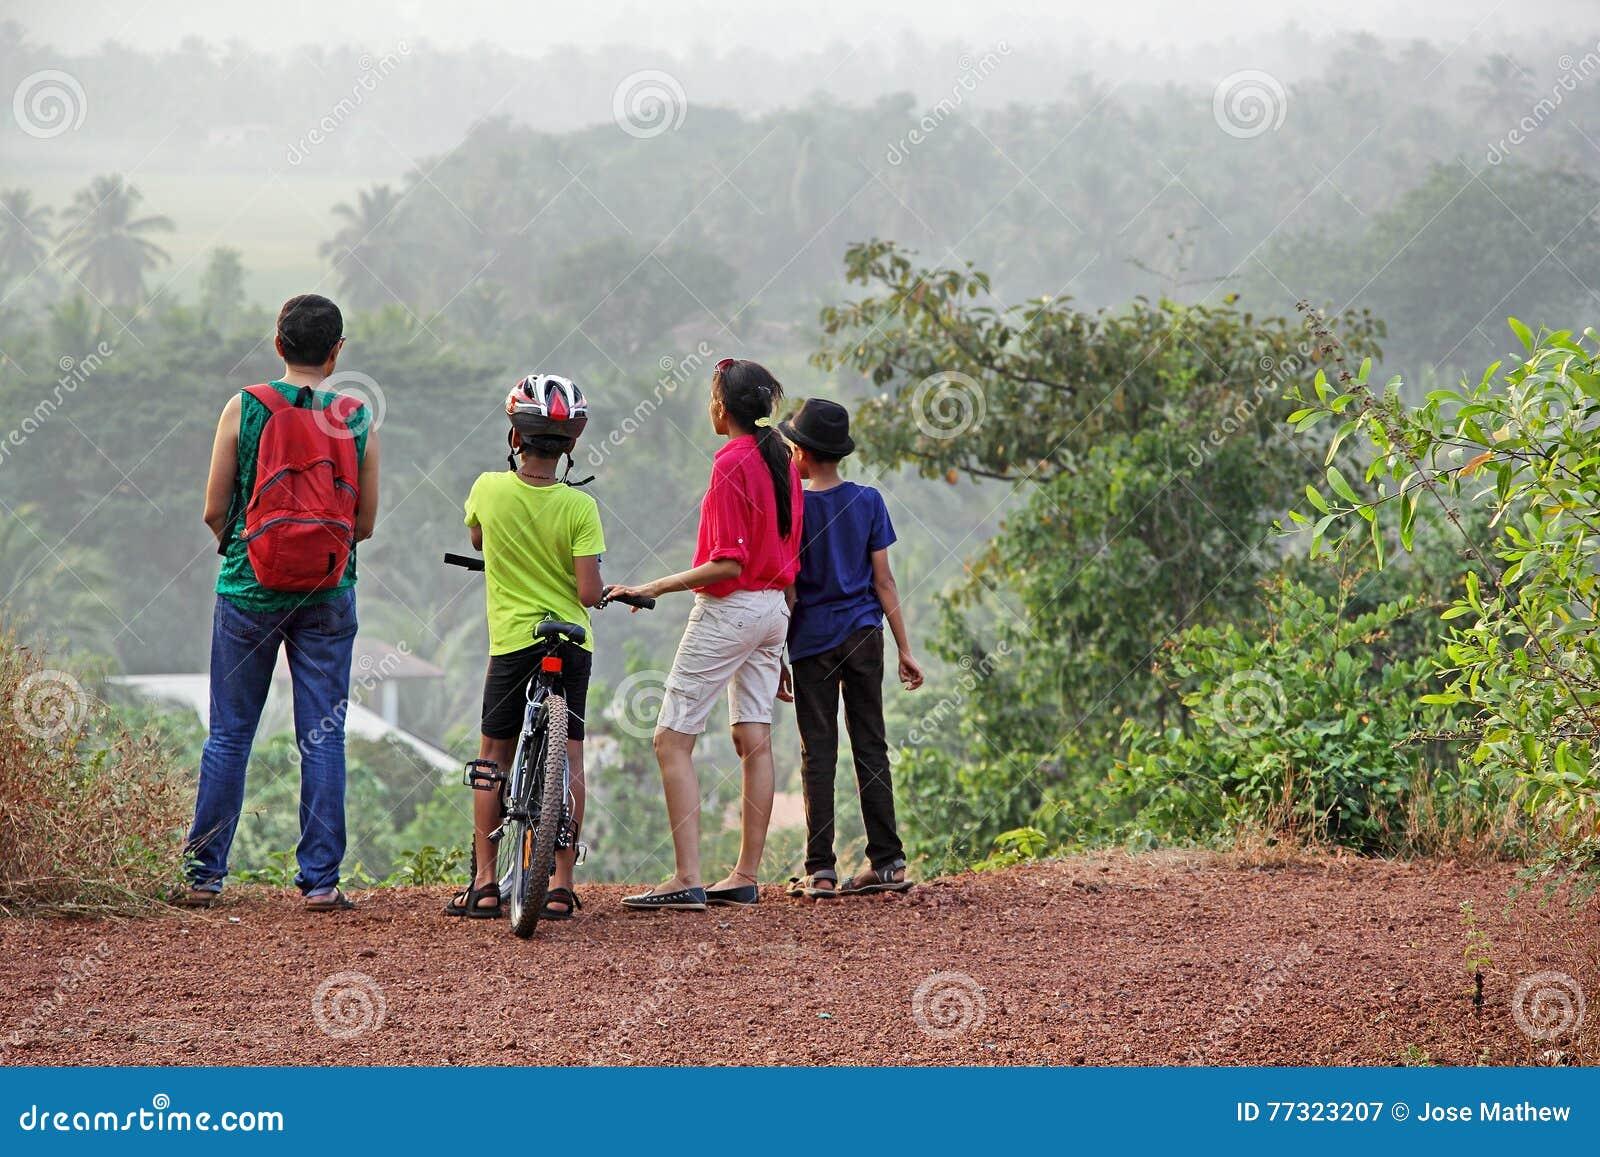 Groupe de trekking dans Hilly Countryside scénique